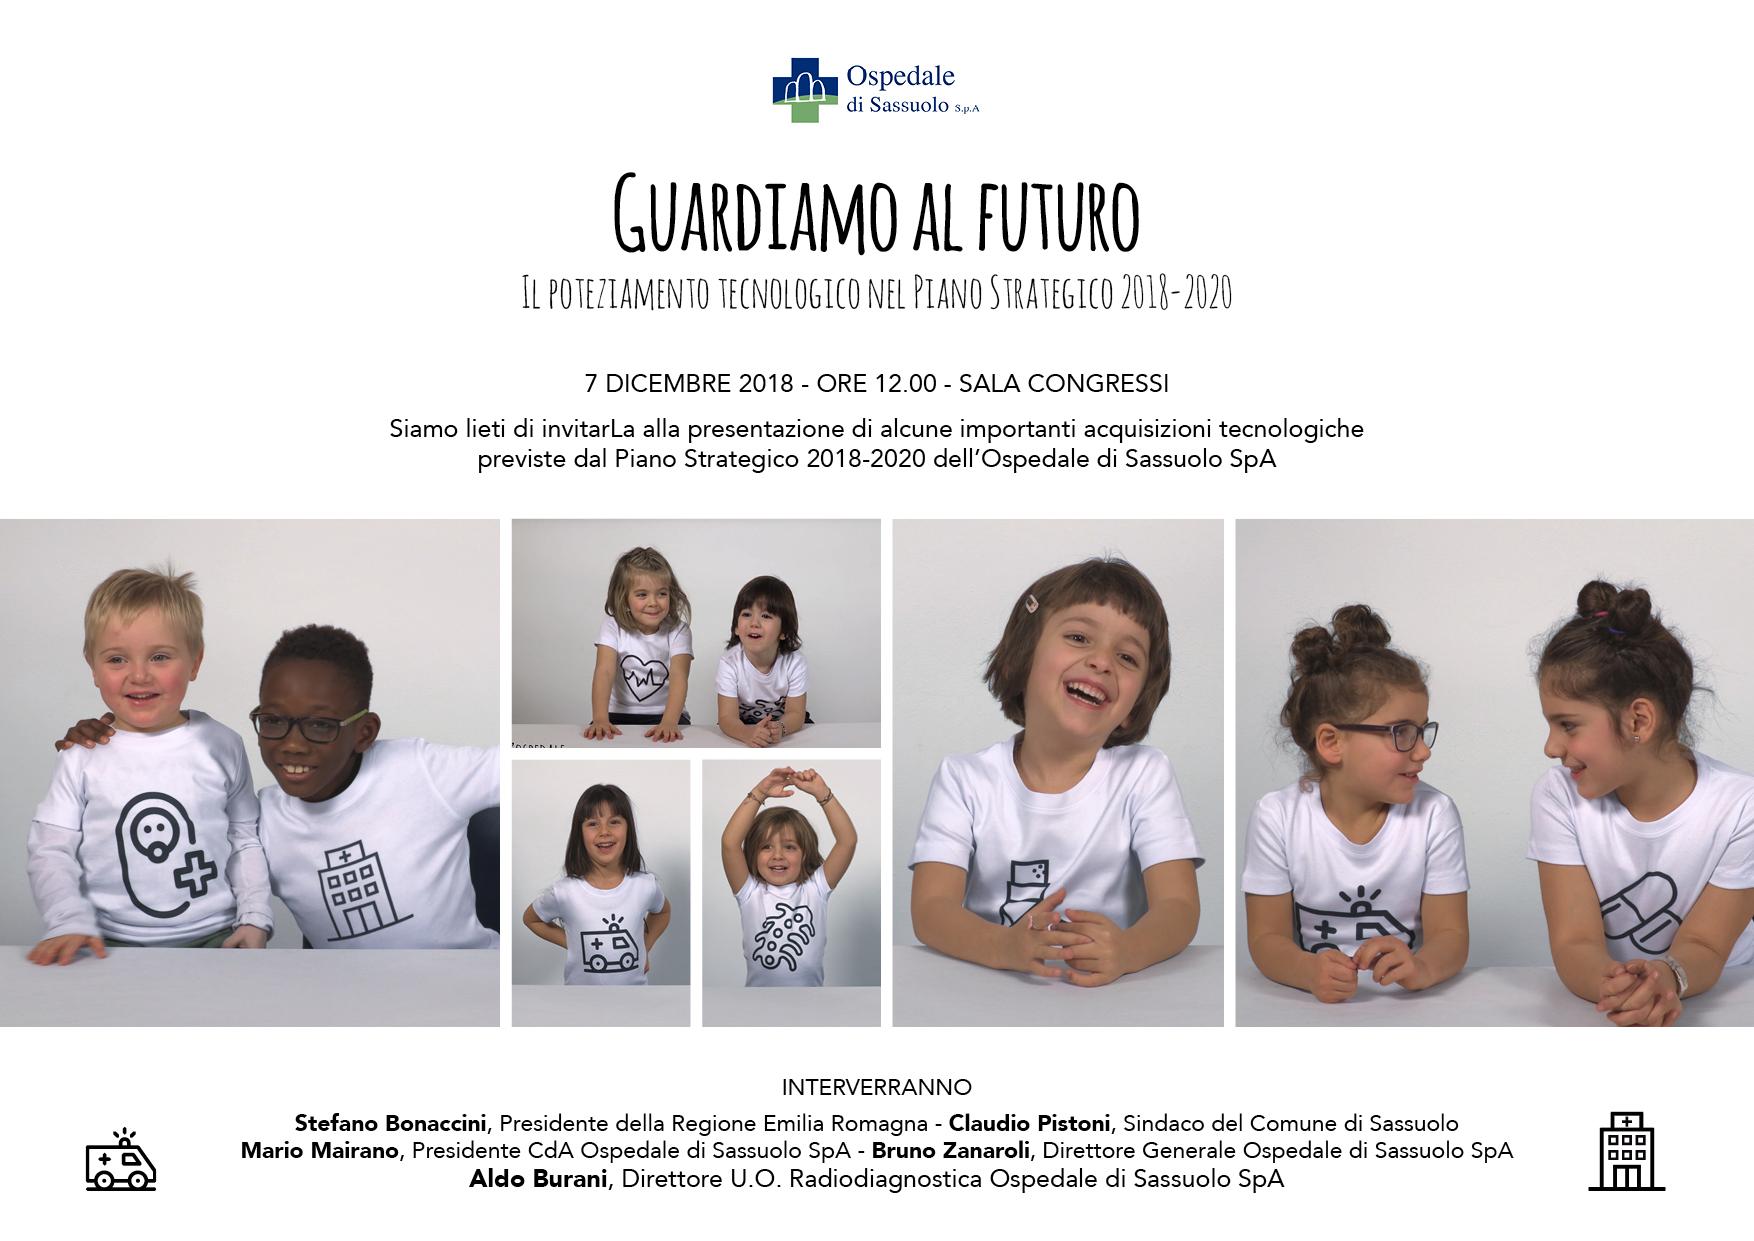 Invito GUARDIAMO AL FUTURO